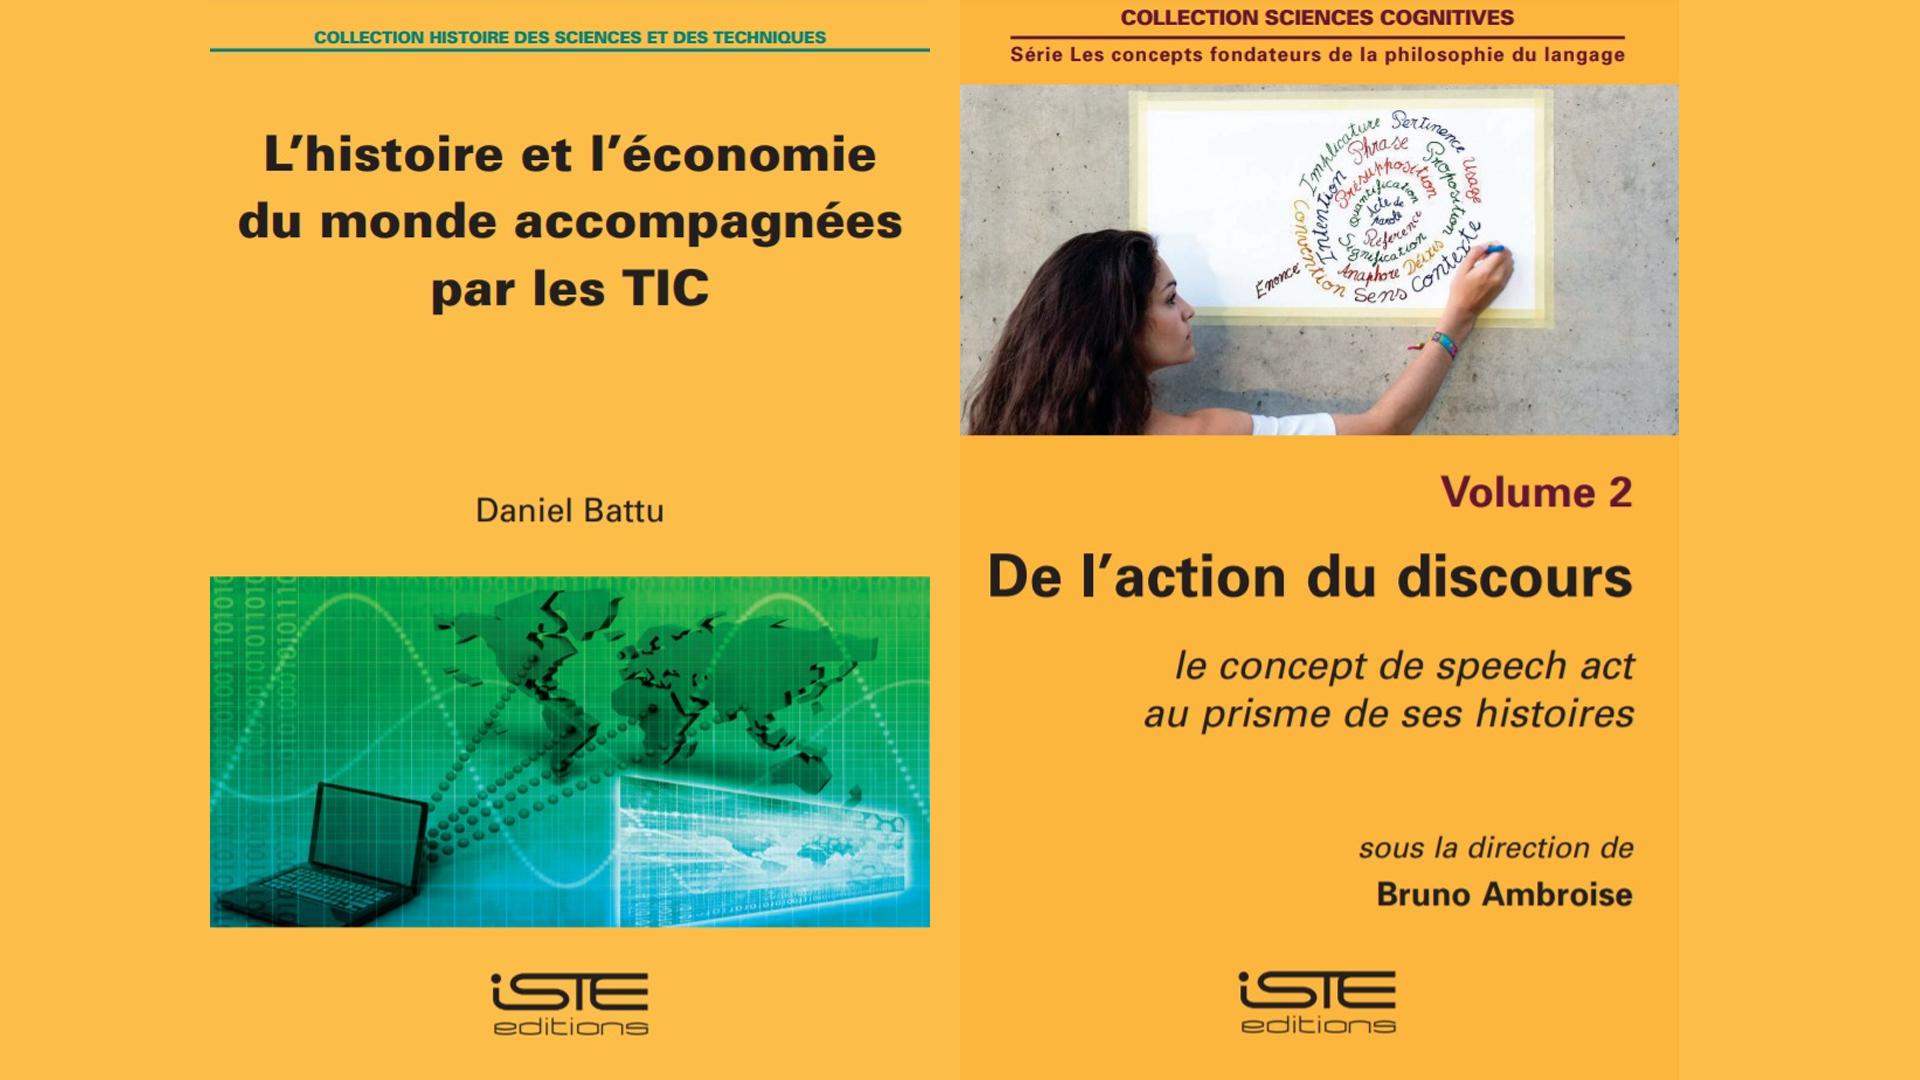 ISTE Group offre tous les jours deux livres numériques scientifiques